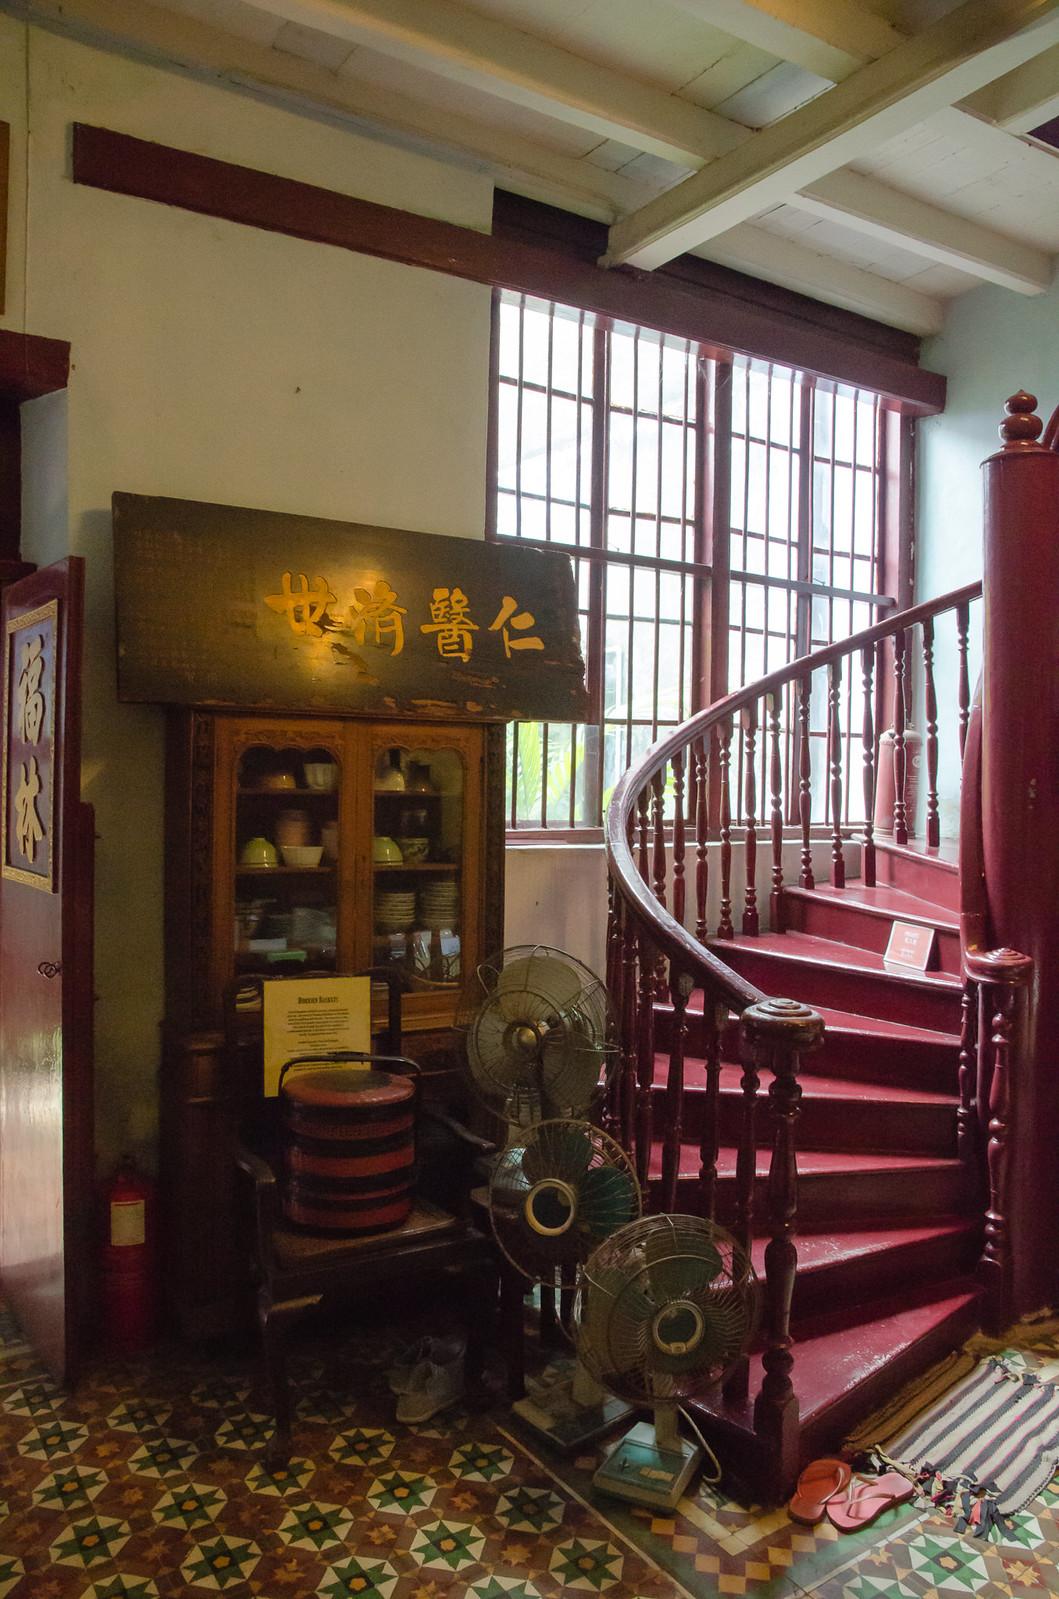 Spiral staircase at Sun Yat-sen Museum at Penang